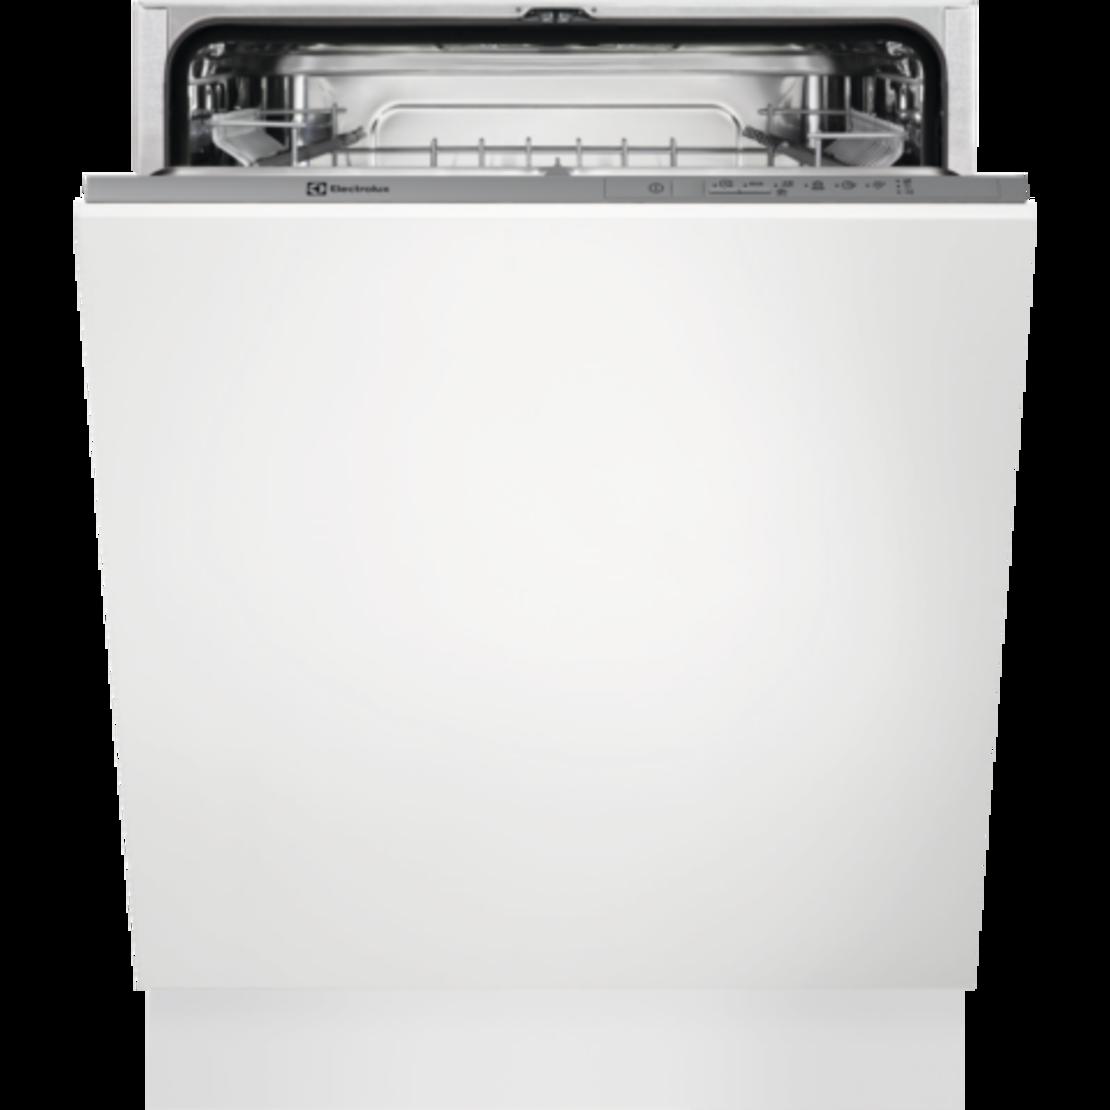 מדיח כלים אינטגראלי מלא אלקטרולוקס Electrolux EEA17100L